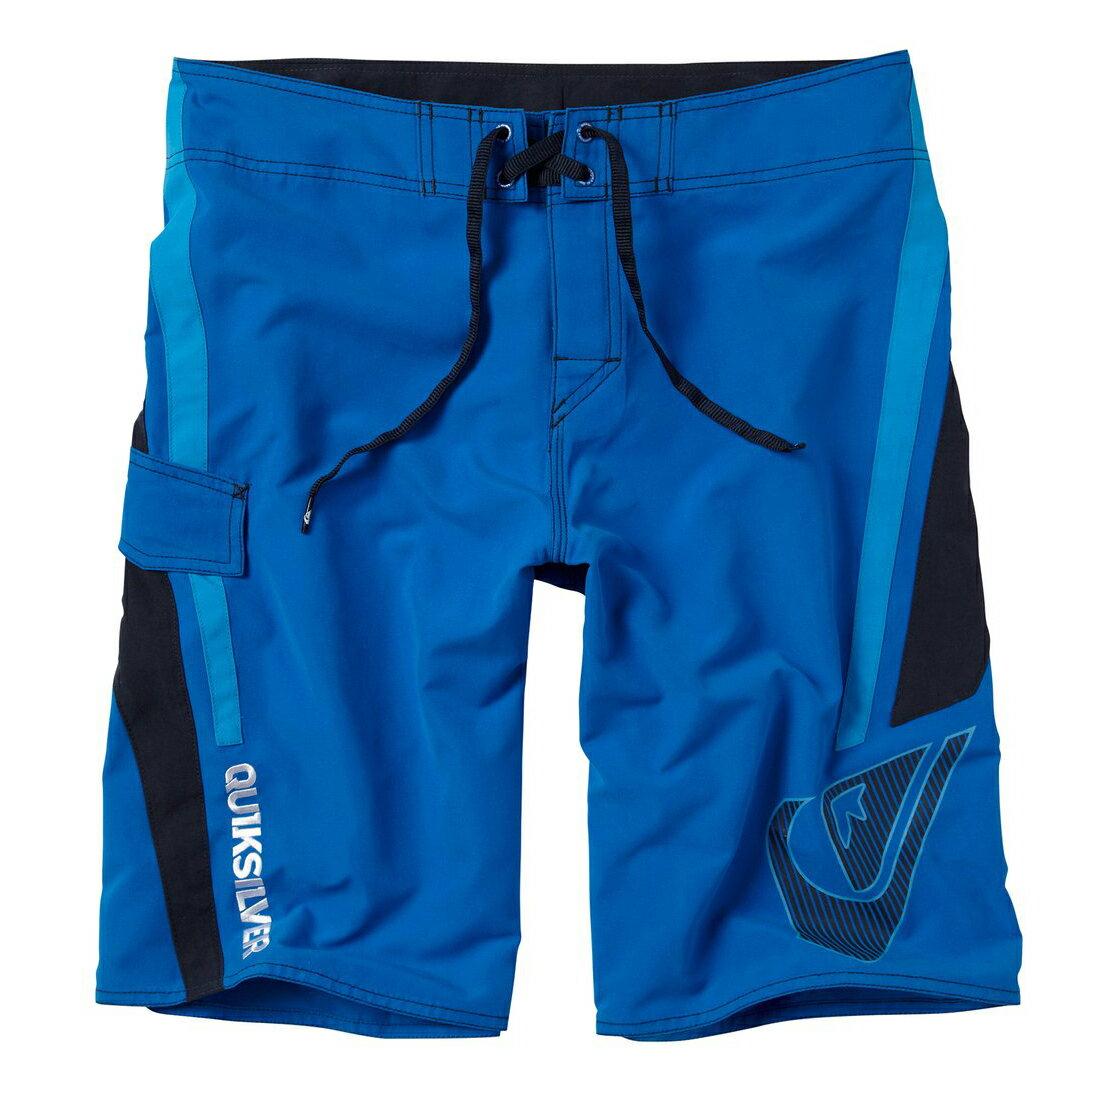 美國百分百【全新真品】Quiksilver 海灘褲 男 短褲 泳褲 沙灘褲 衝浪褲 logo 口袋 黑色 藍色 E994